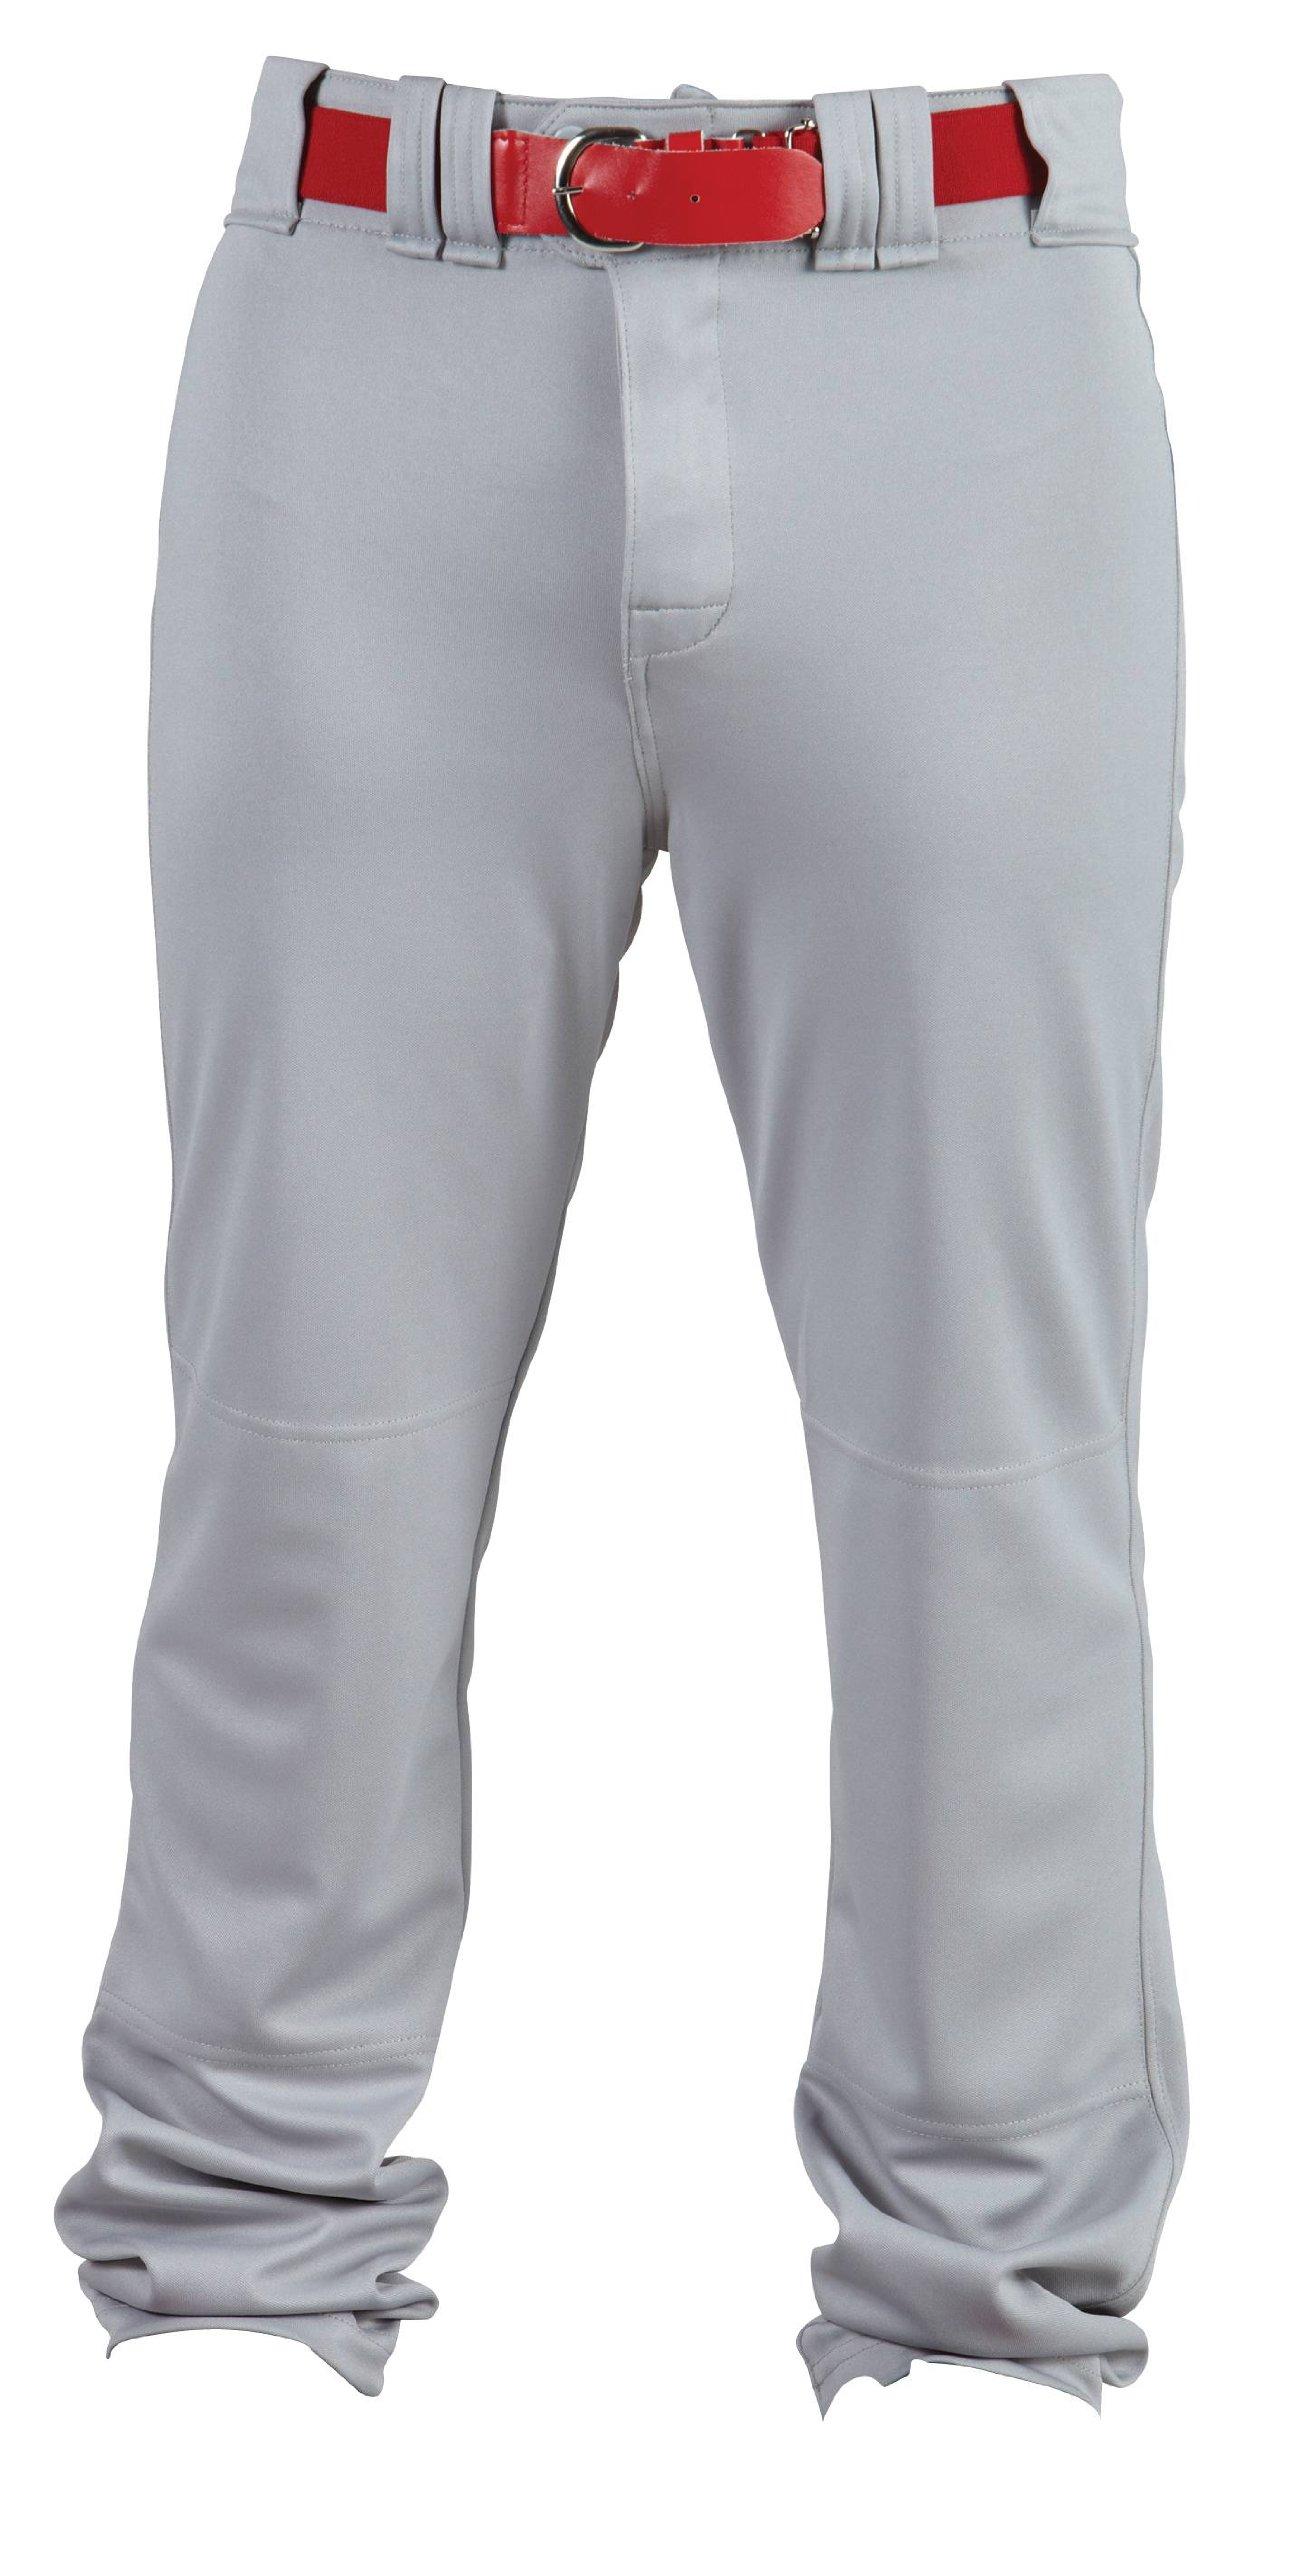 Rawlings Men's Premium Unhemmed PPU140 Pant, Blue Grey, 44X37